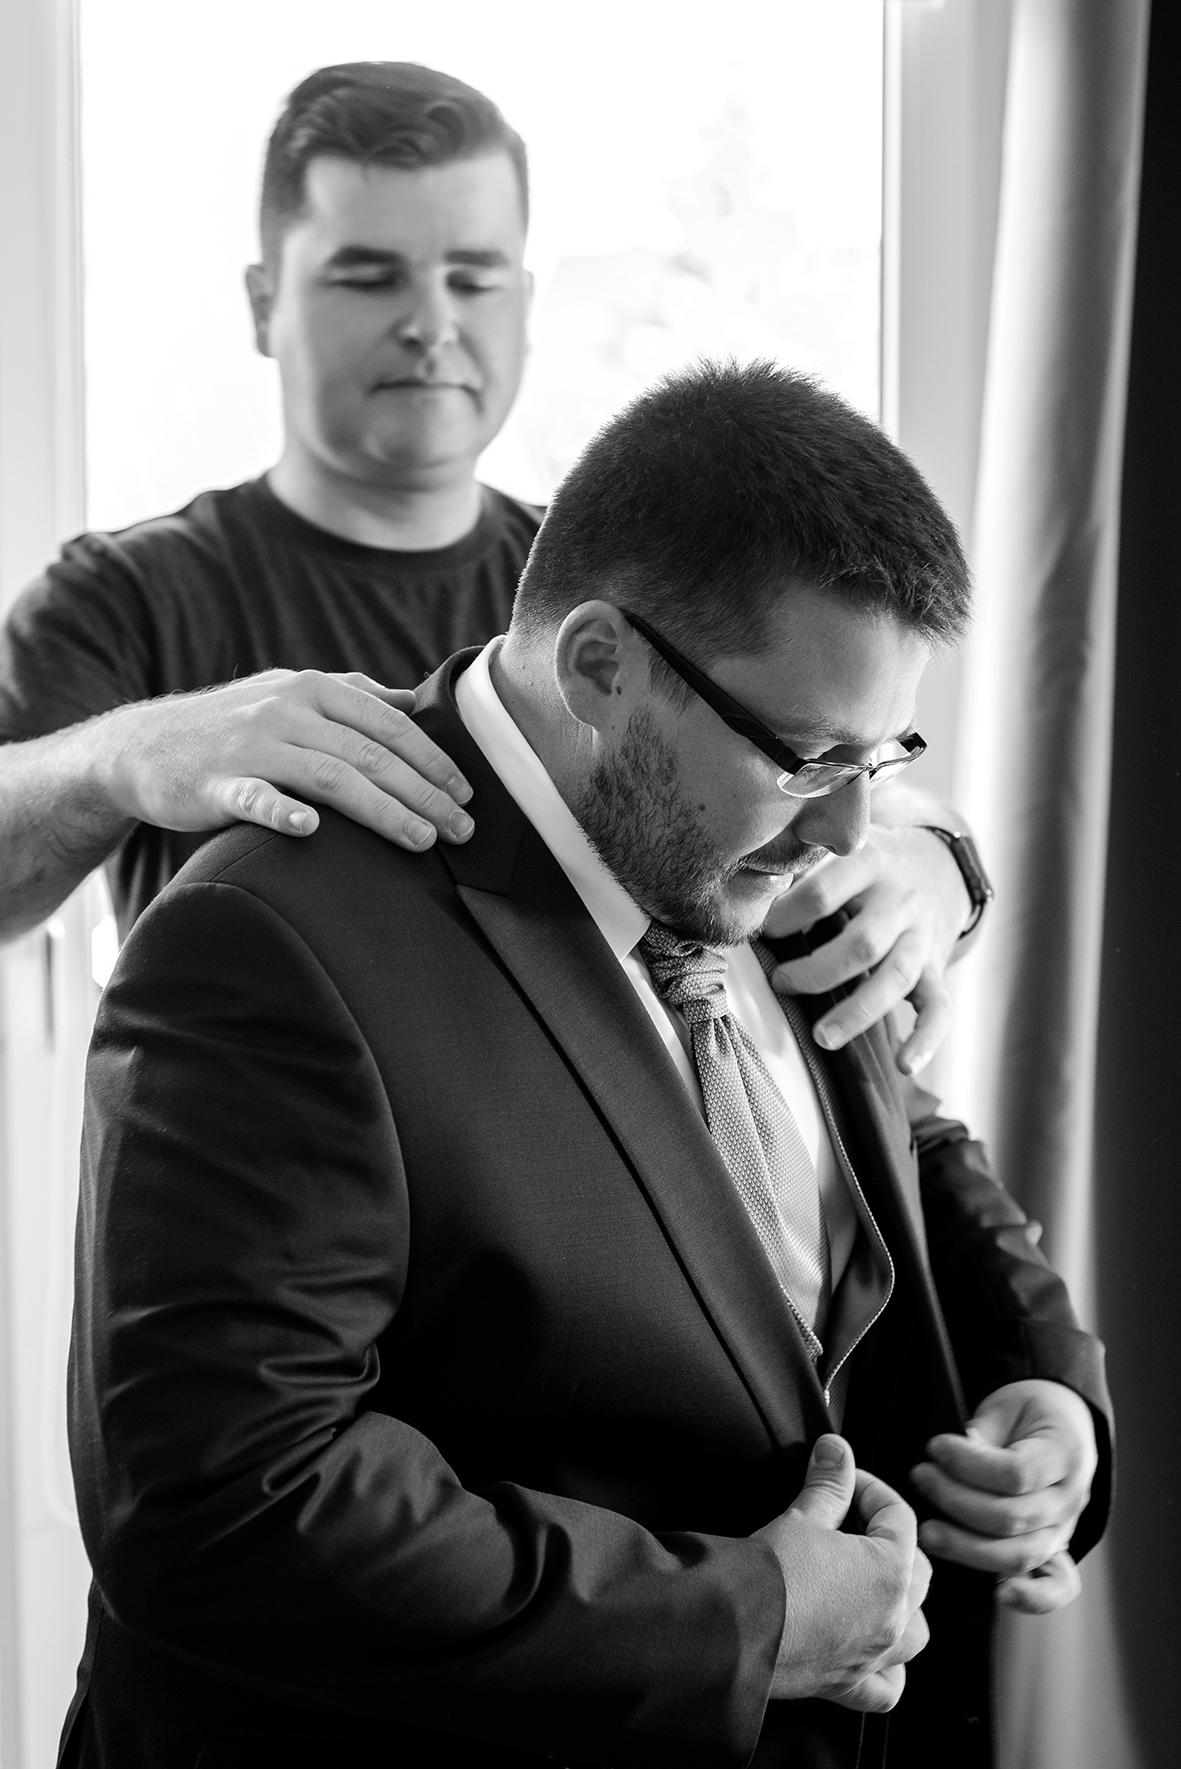 Hochzeitsfotograf in Dresden und emotionale Hochzeitsfotos beim Getting Ready